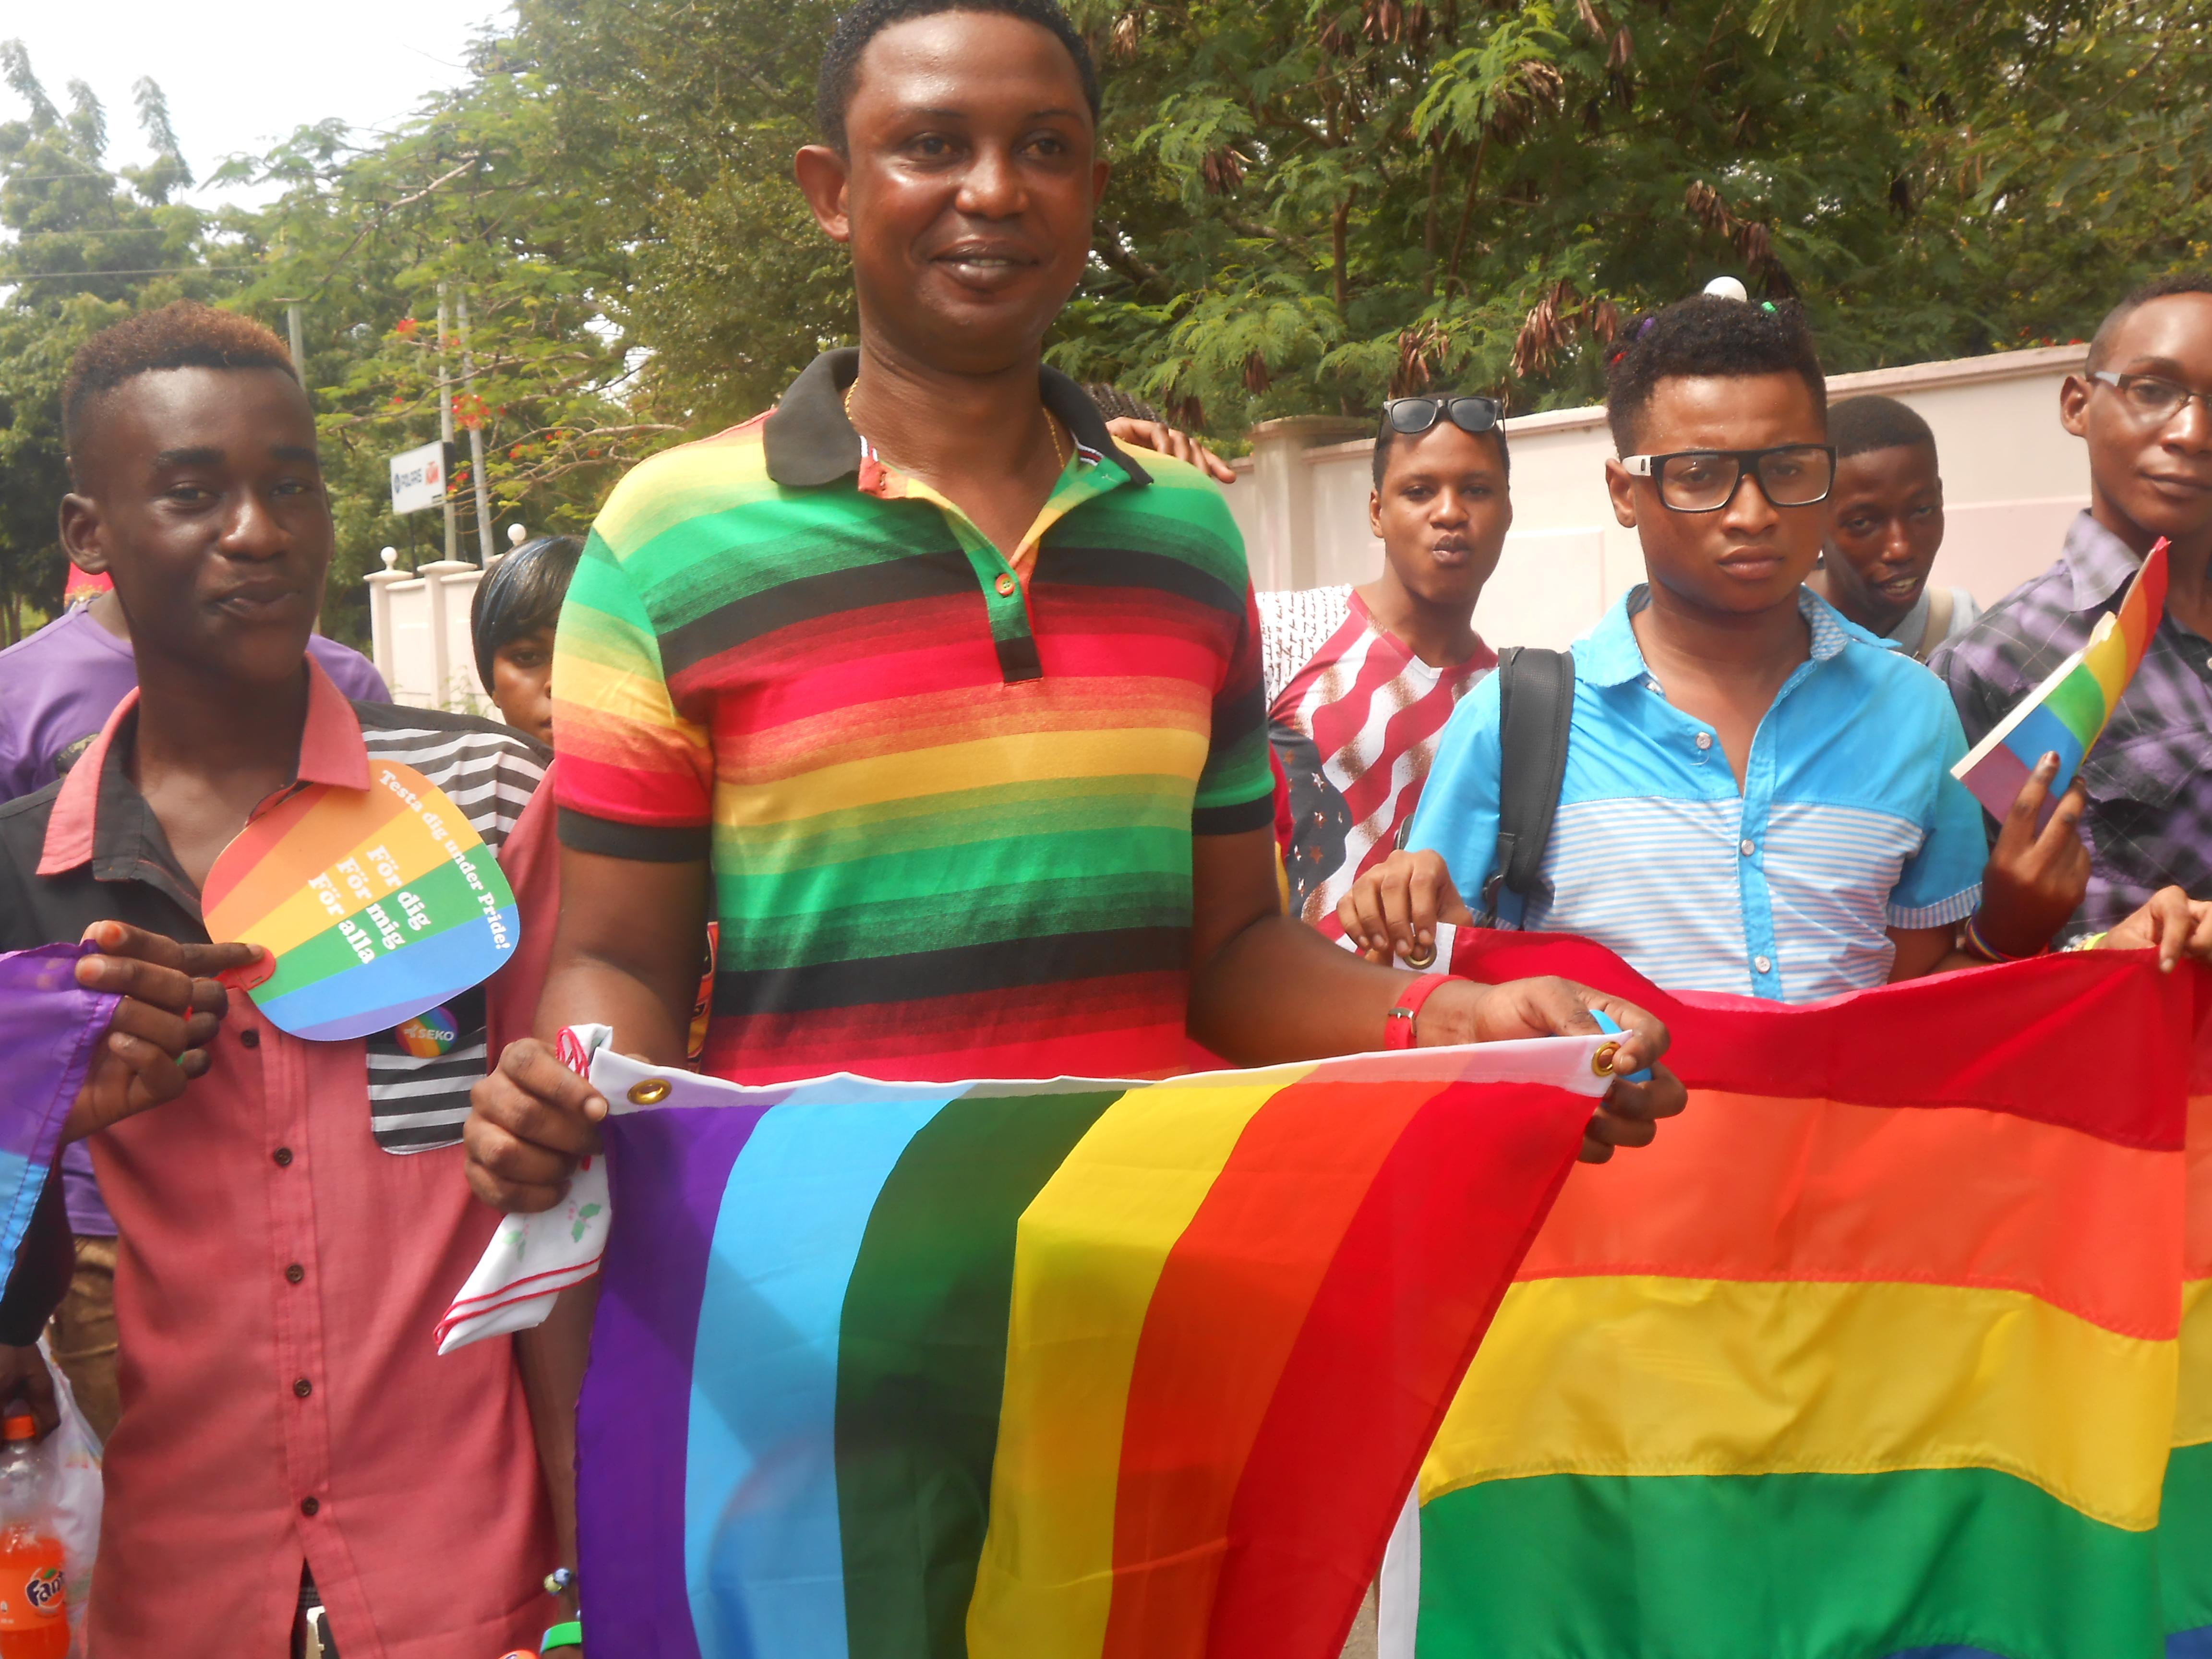 Gay dar es salaam